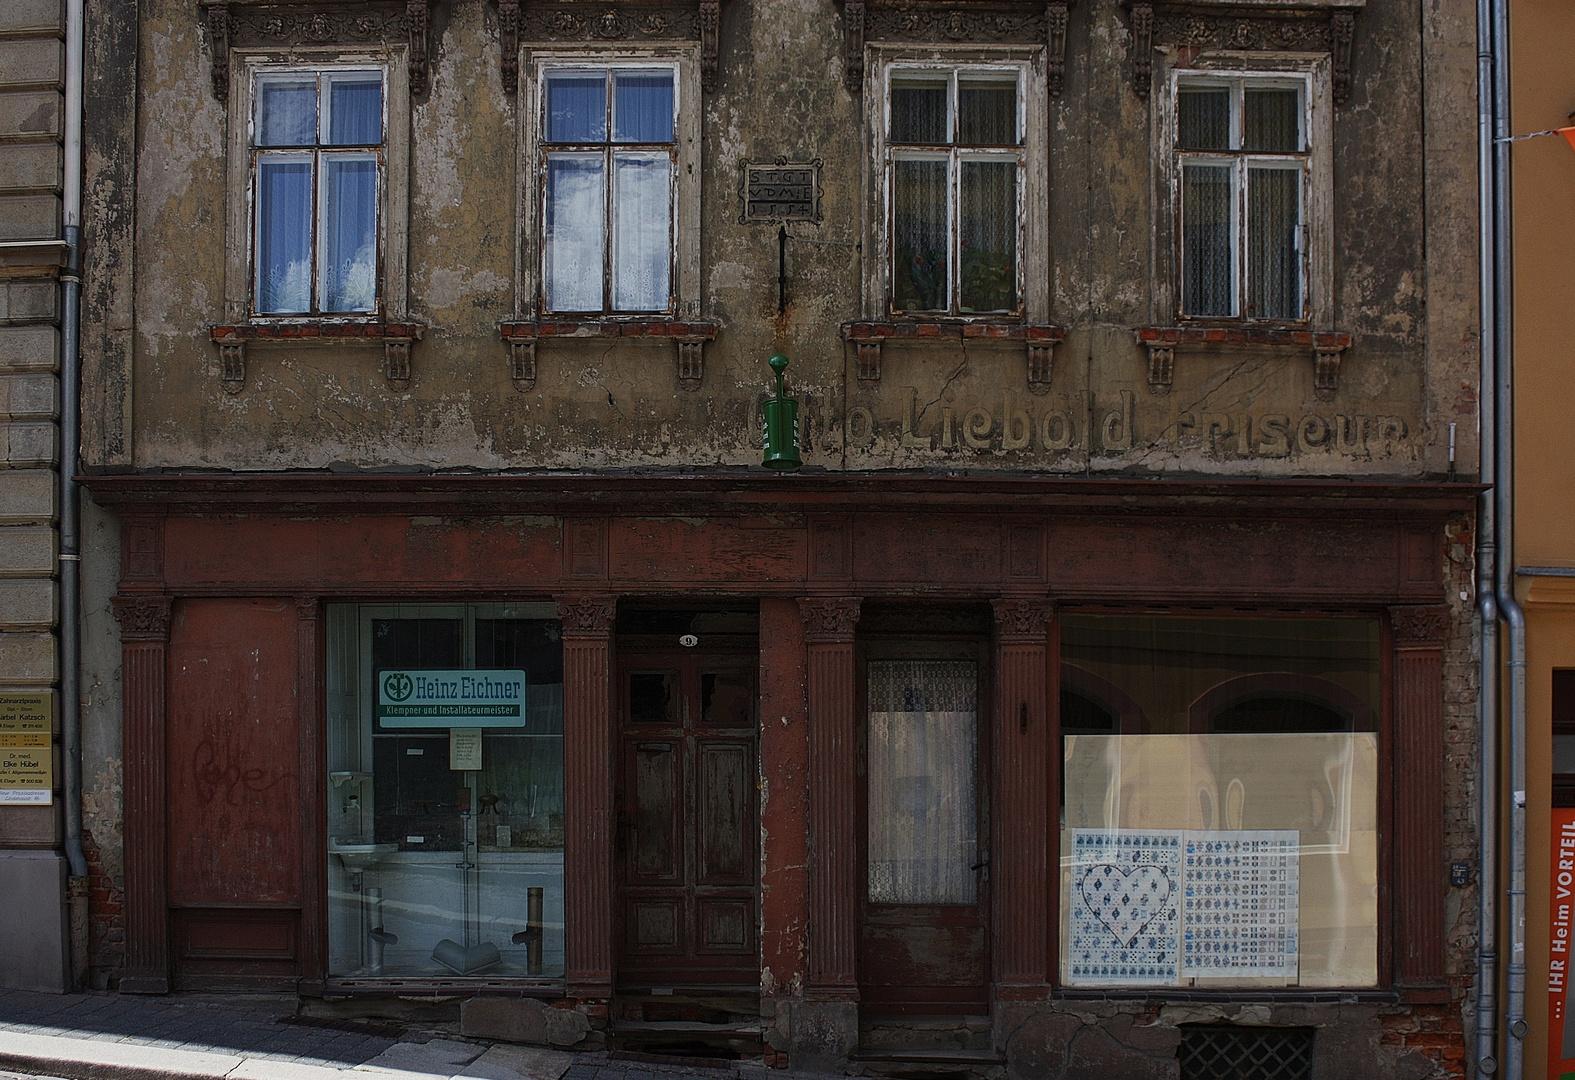 STGTVDM;E 1524 Altenburg